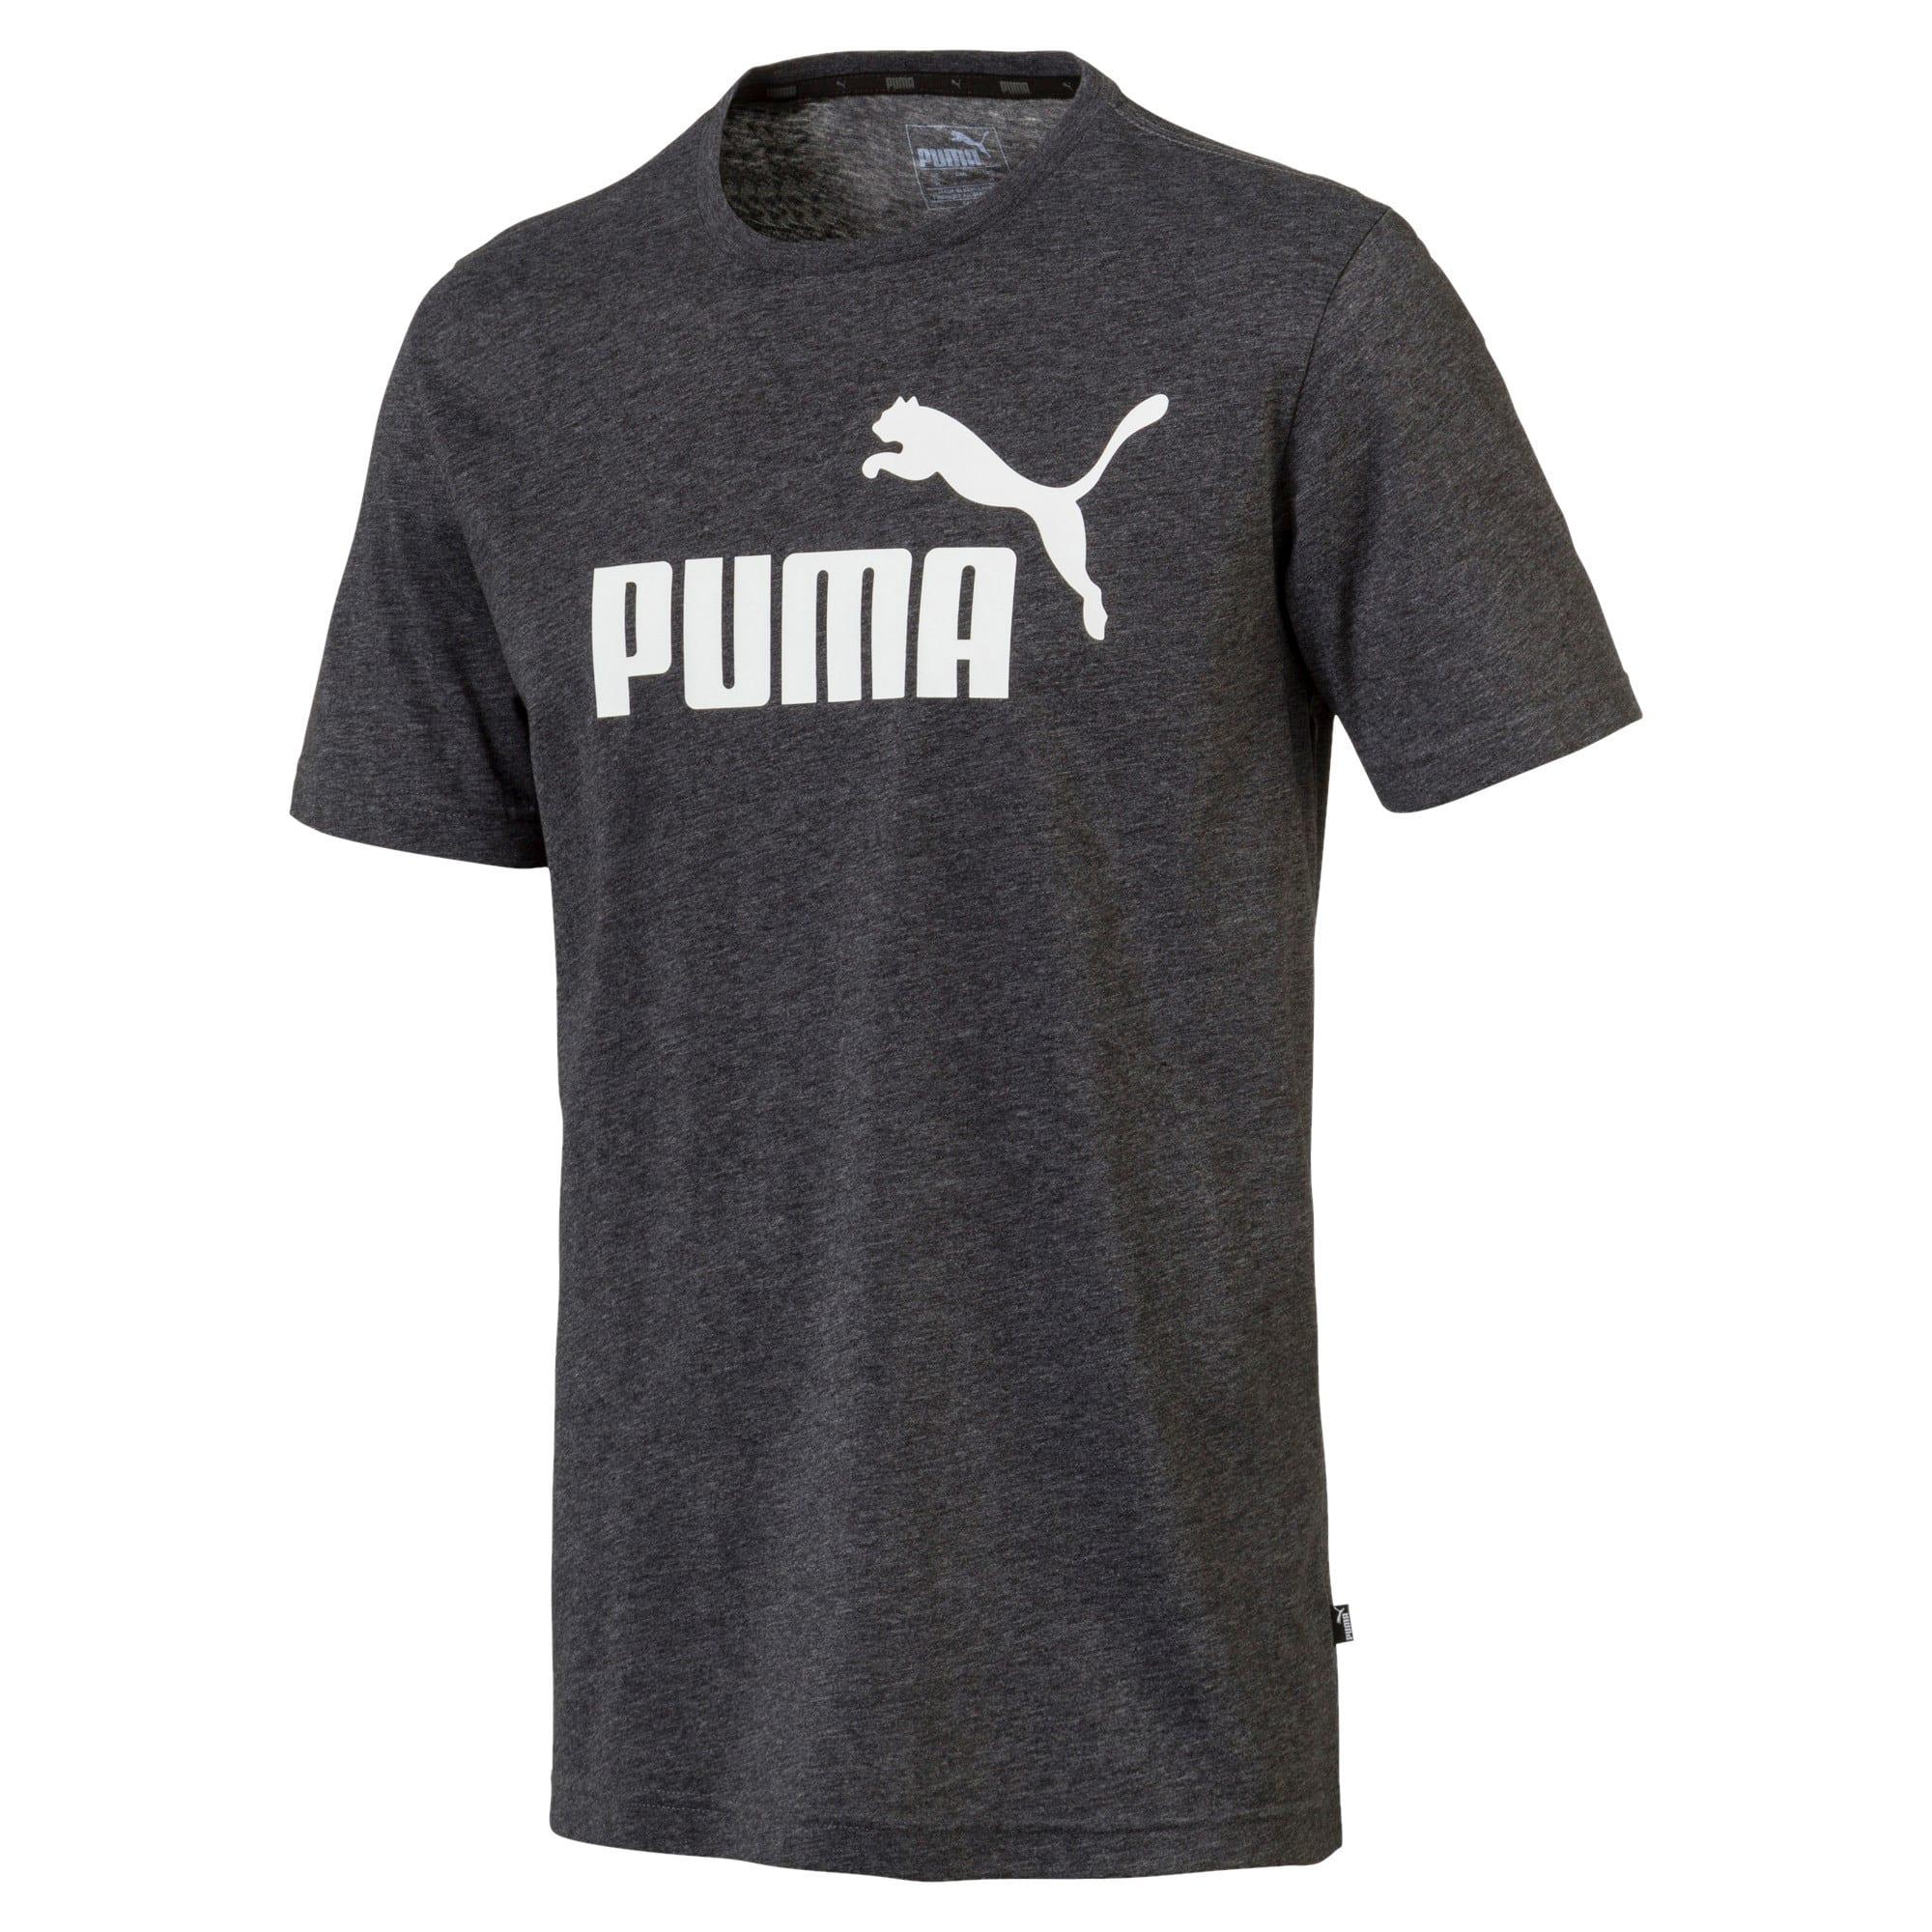 Thumbnail 1 of Indispensabili+ T-shirt mélange uomo, Puma Black Heather, medium